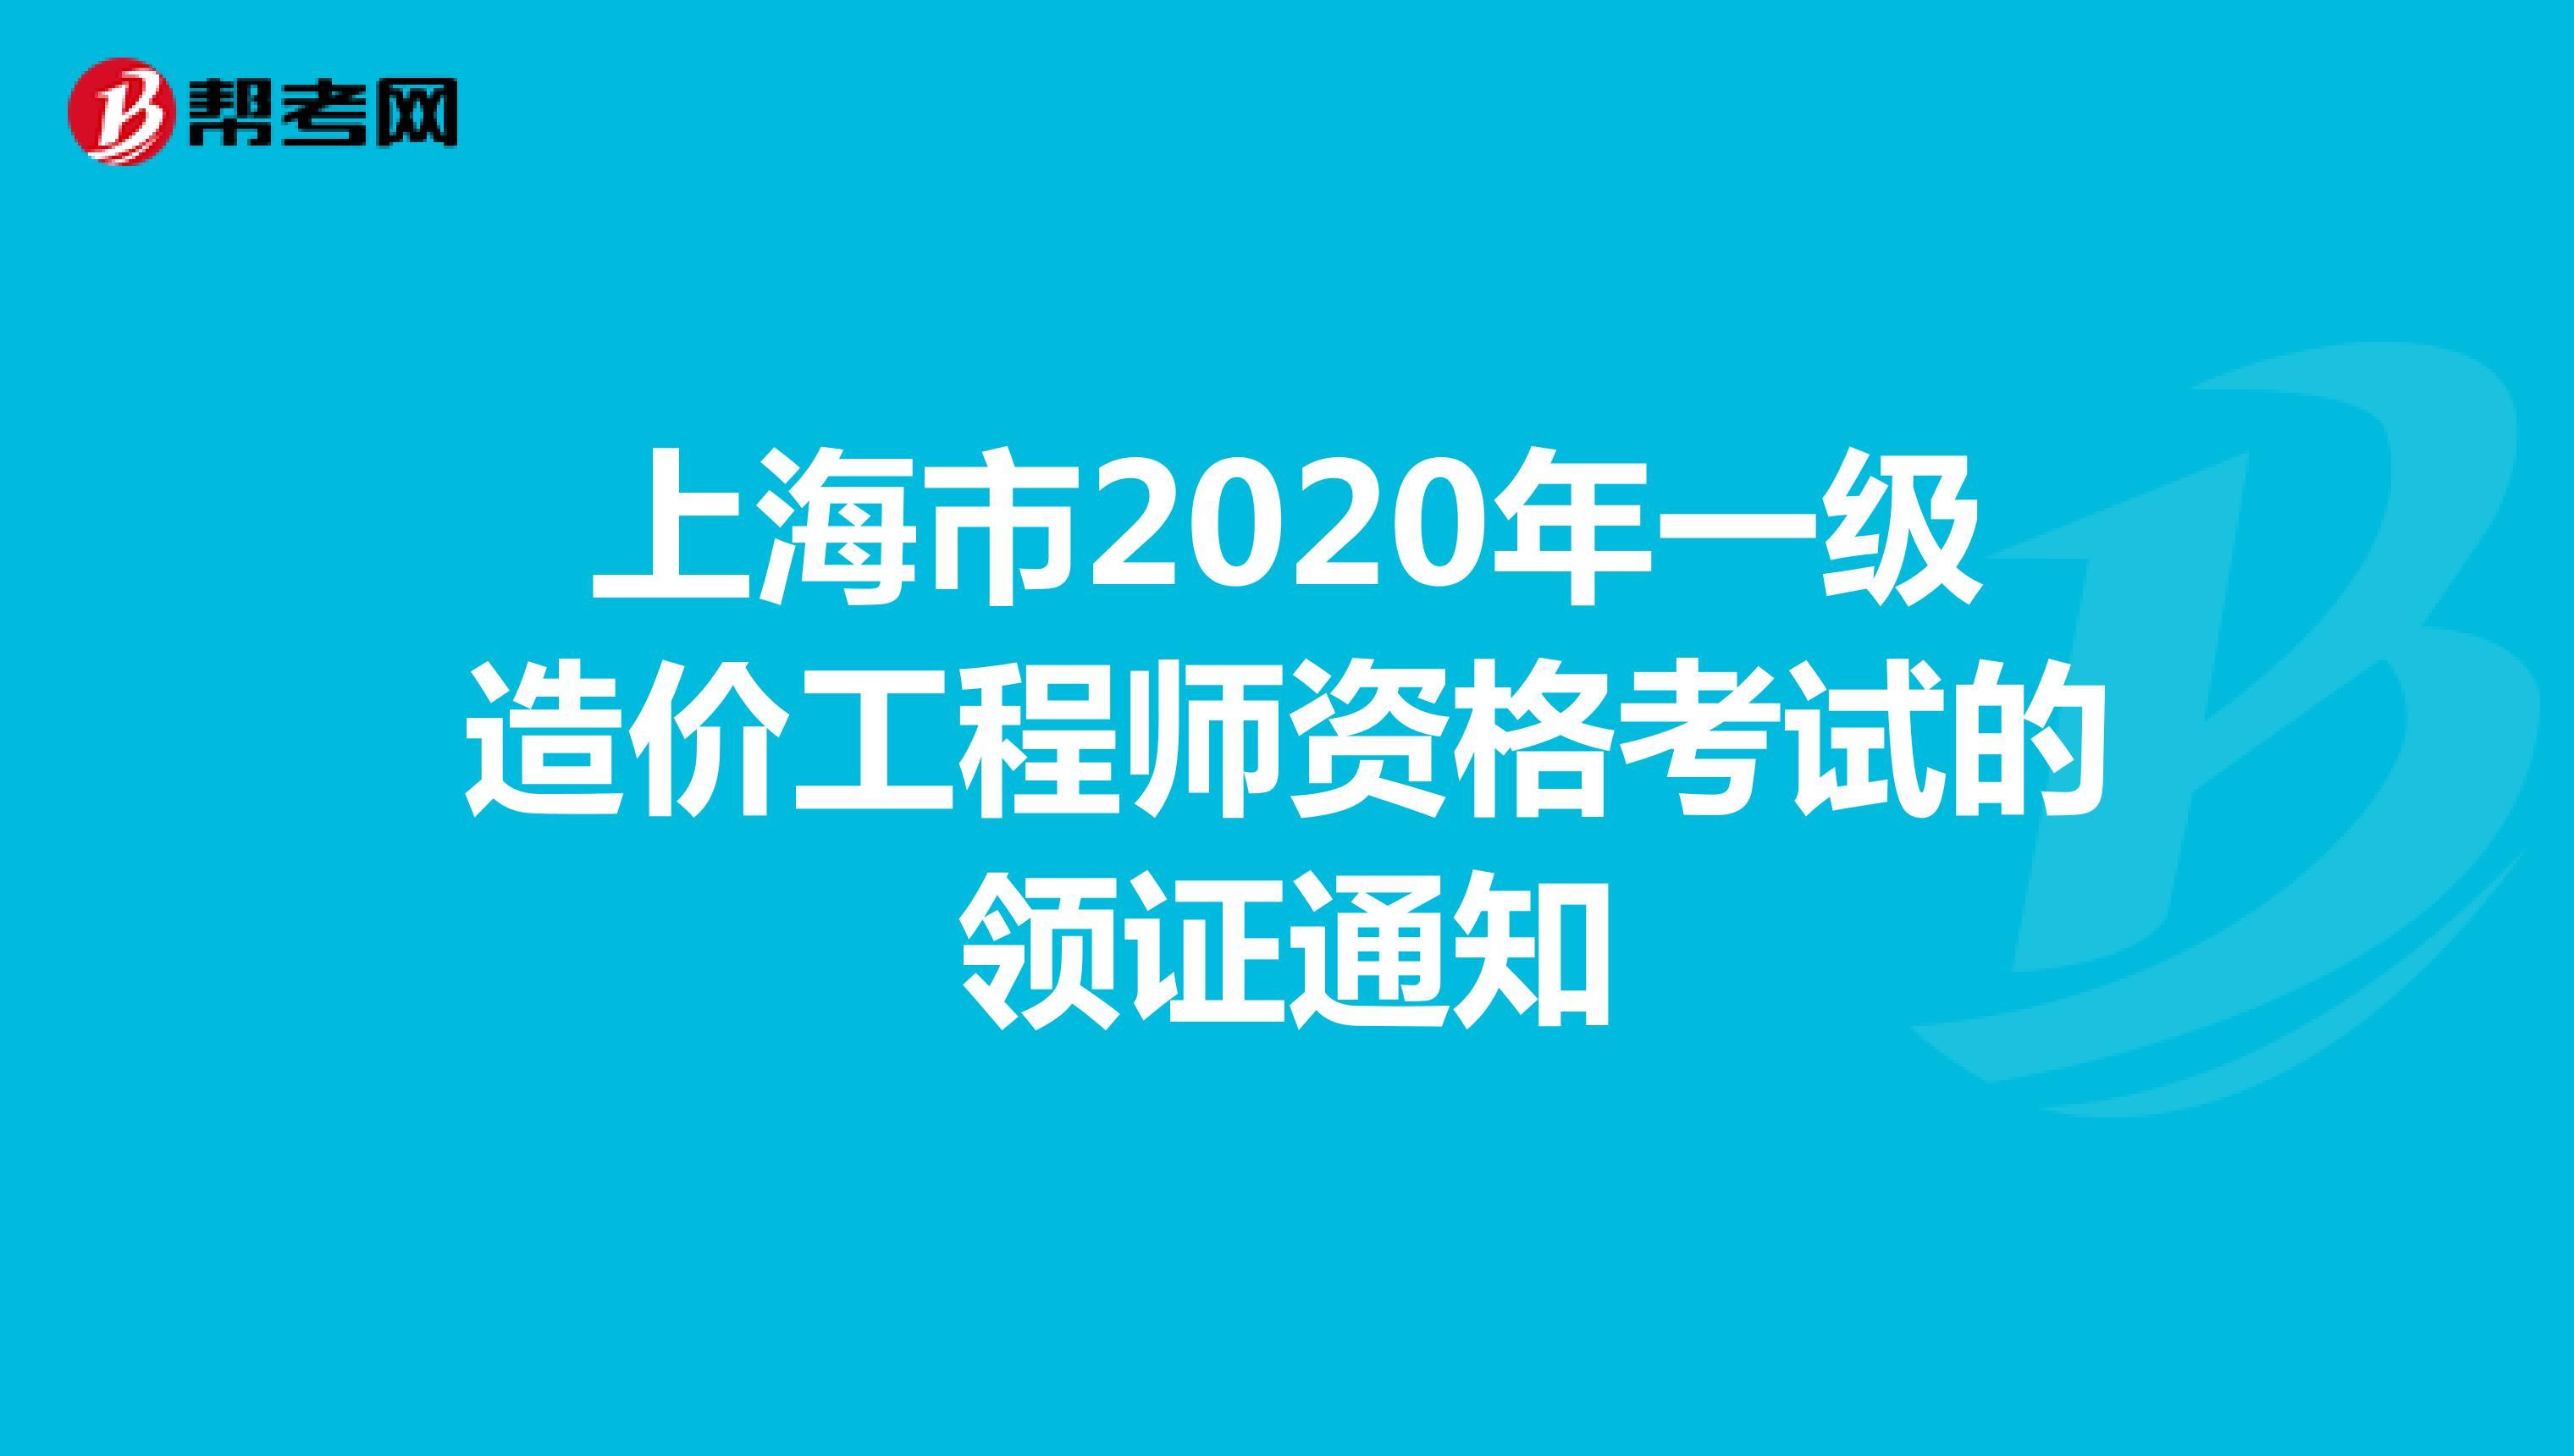 上海市2020年一级造价工程师资格考试的领证通知